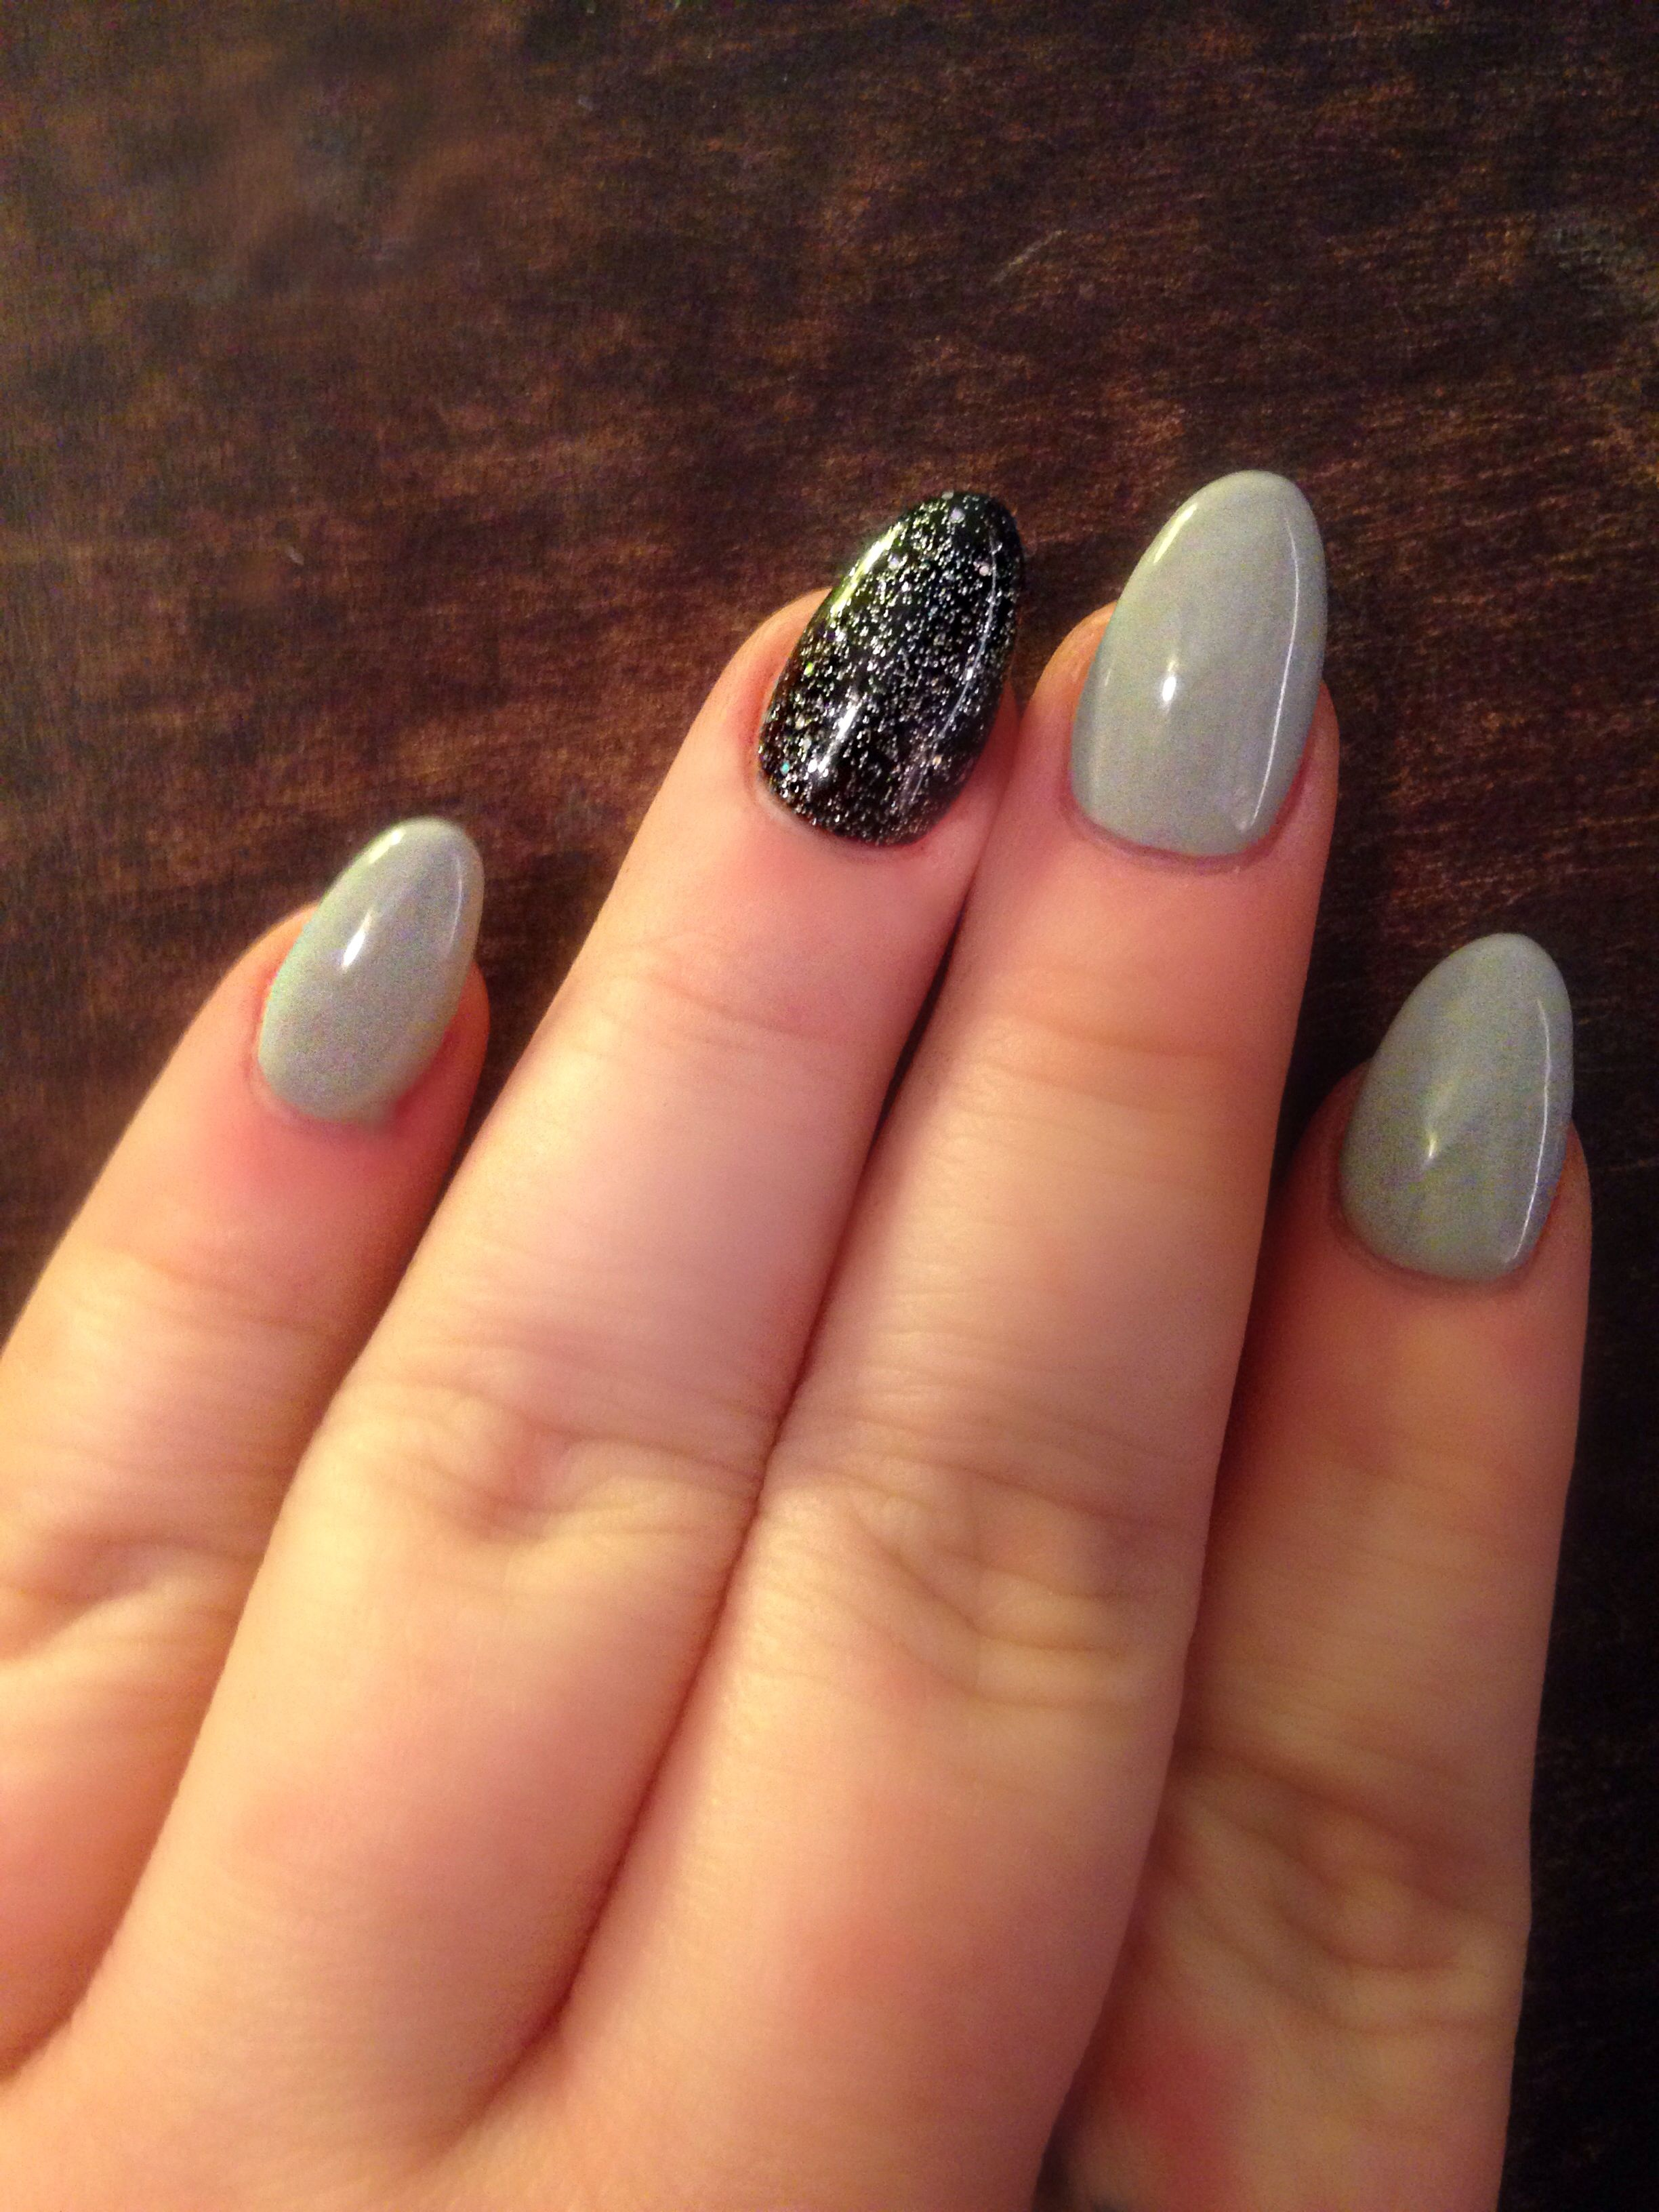 Grey and black glitter almond/stiletto nails | Nails! | Pinterest ...